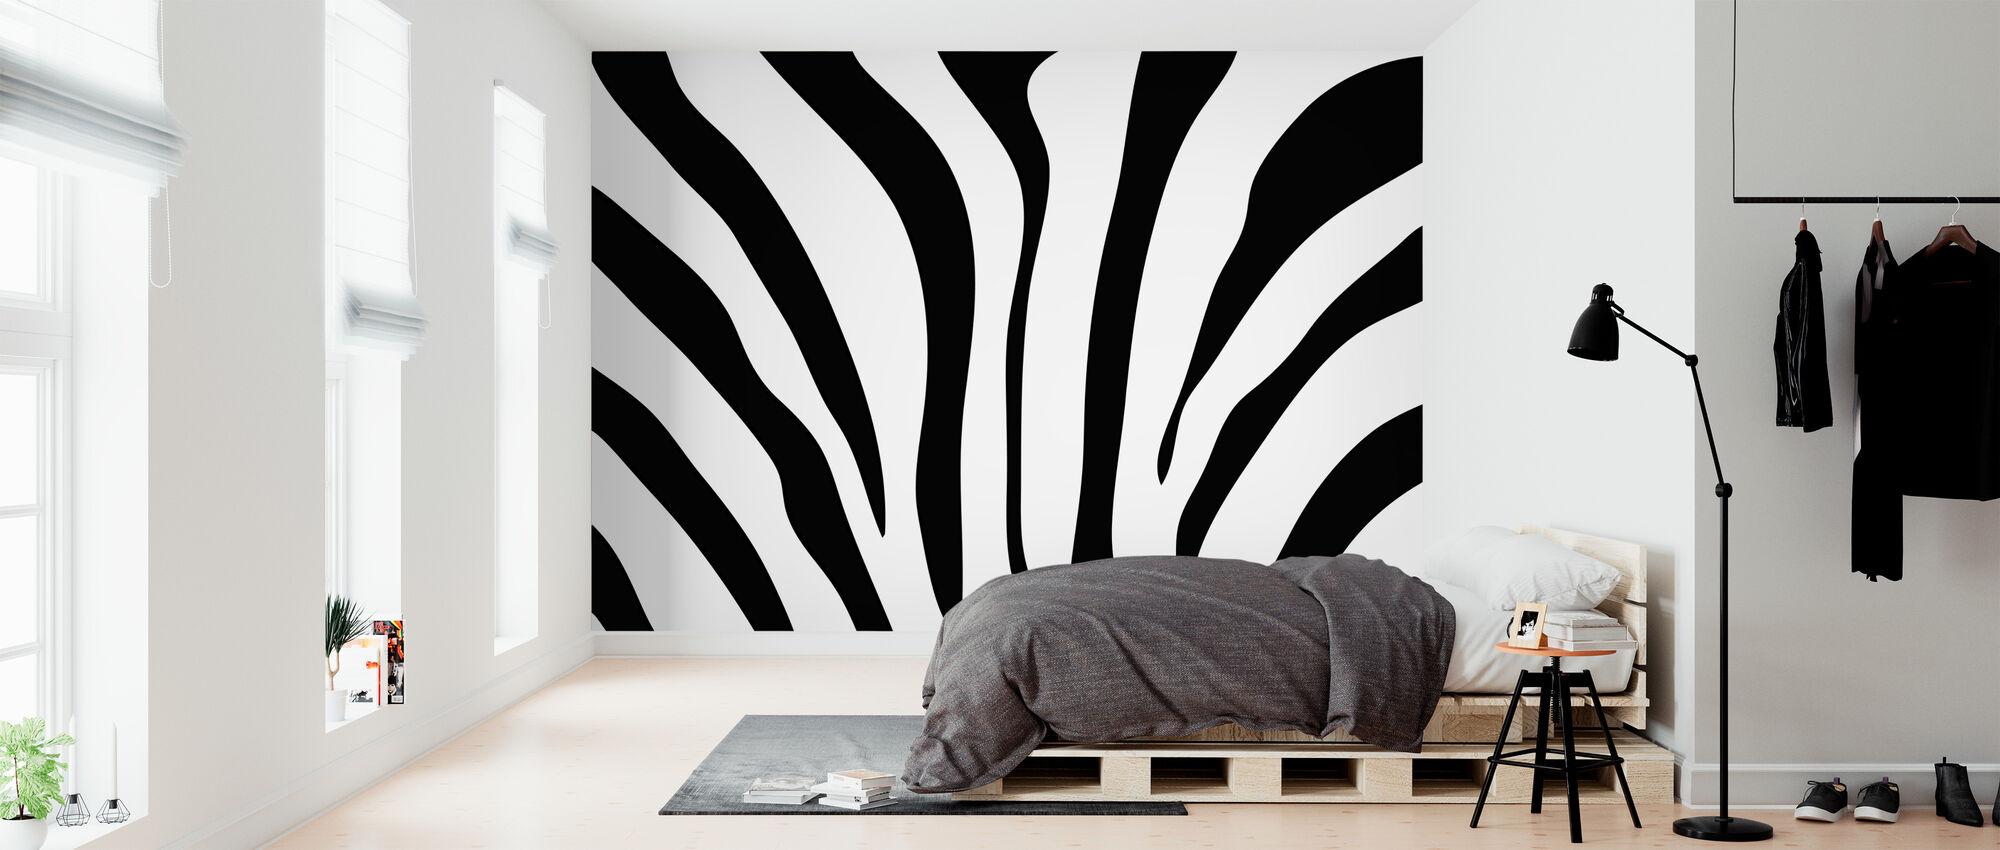 Zebra Texture - Wallpaper - Bedroom